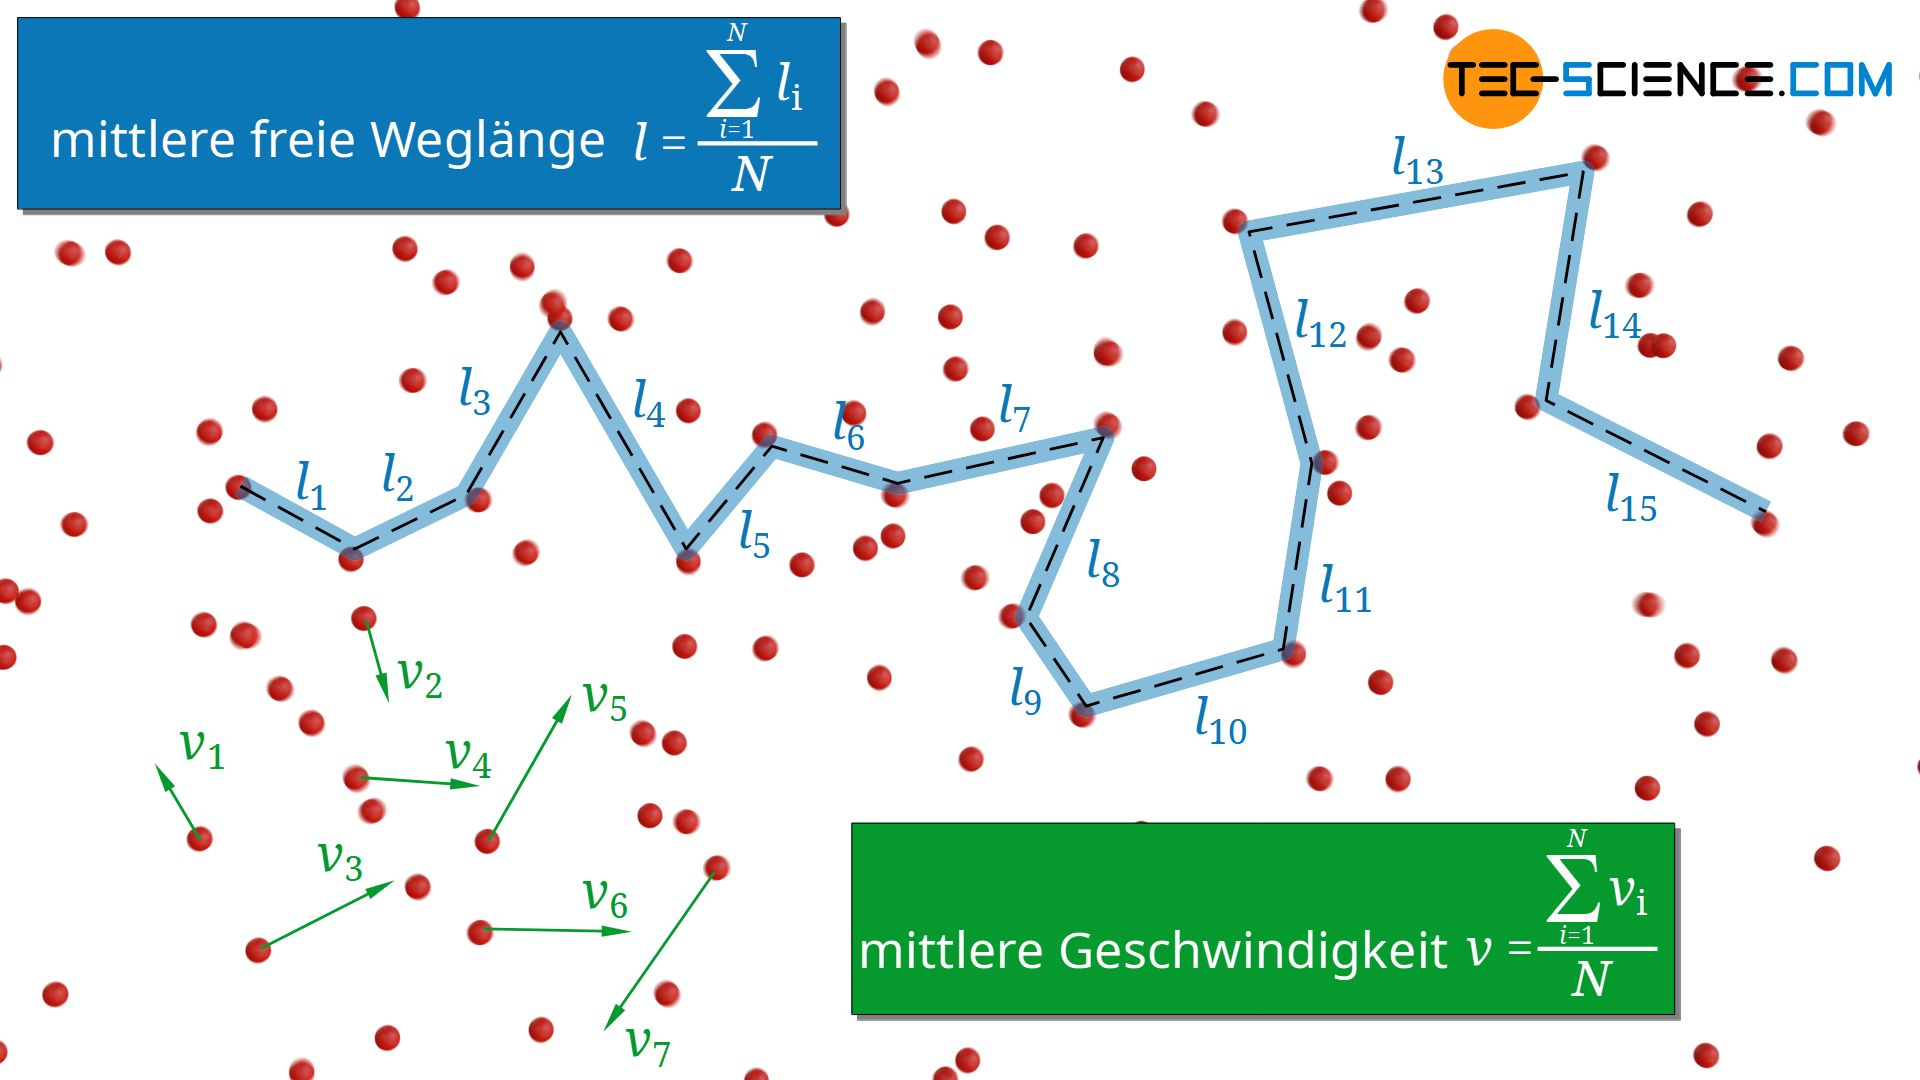 Mittlere freie Weglänge und mittlere Geschwindigkeit der Teilchen in einem Gas